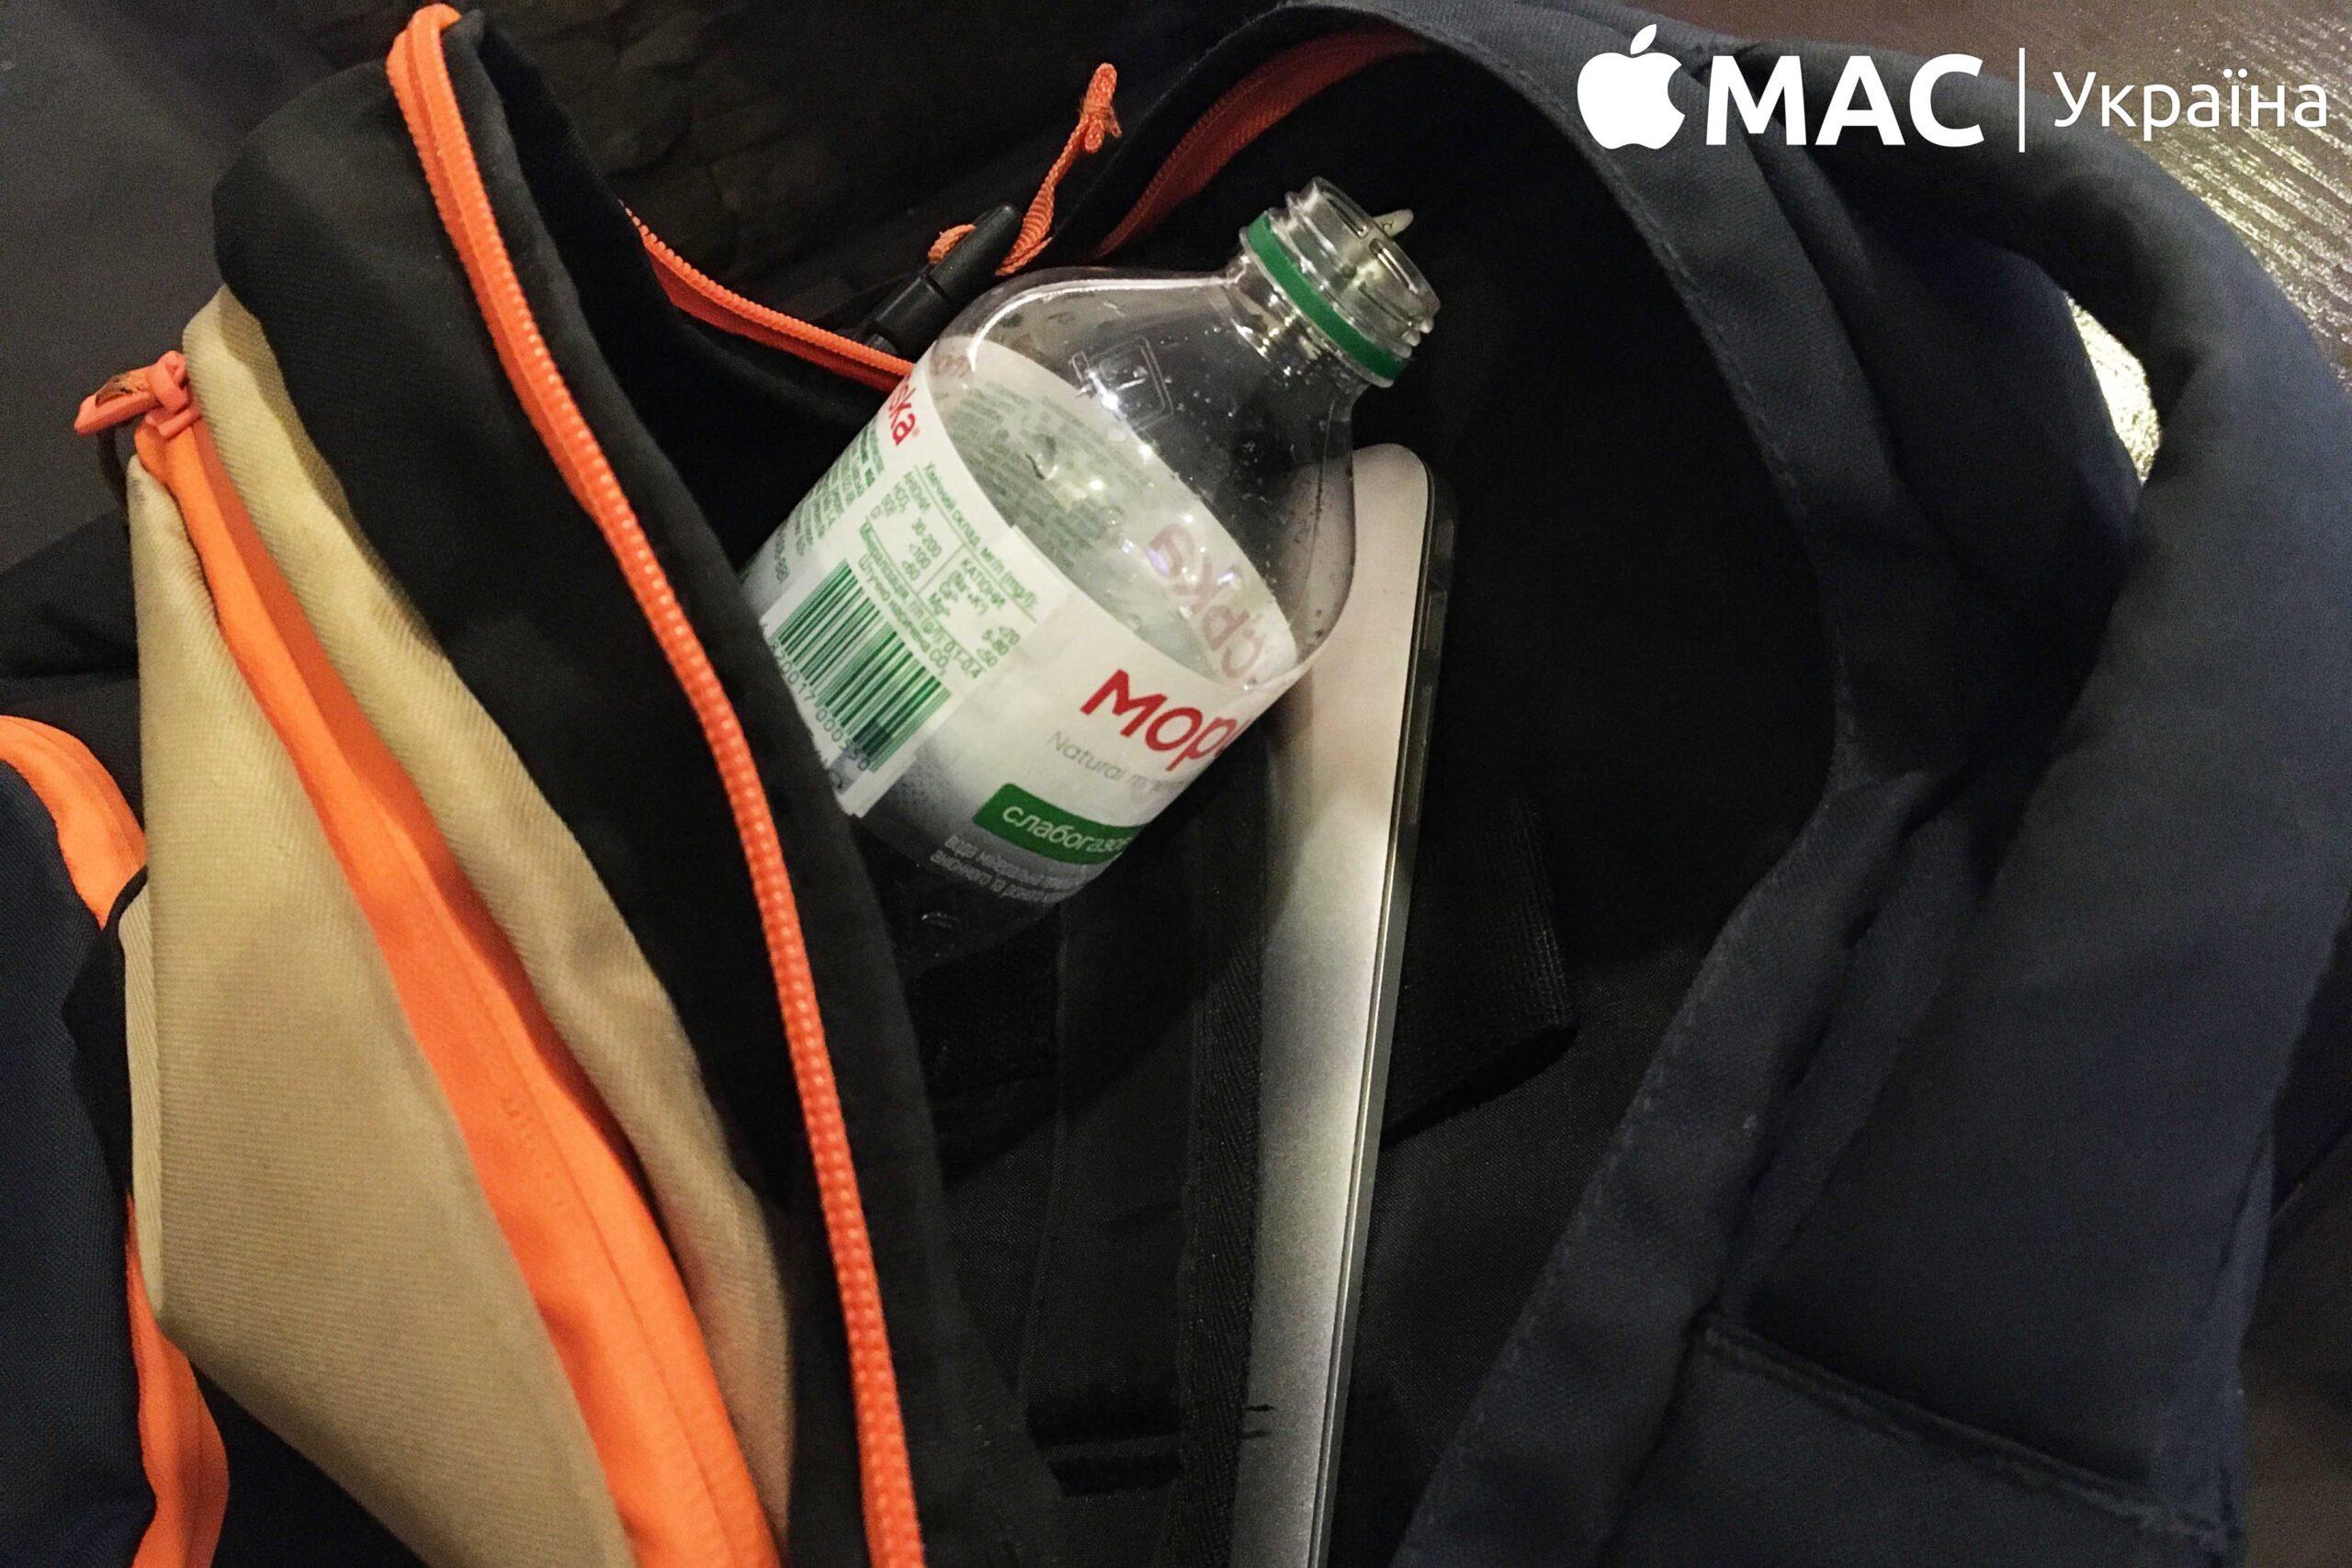 Макбук намок в сумке